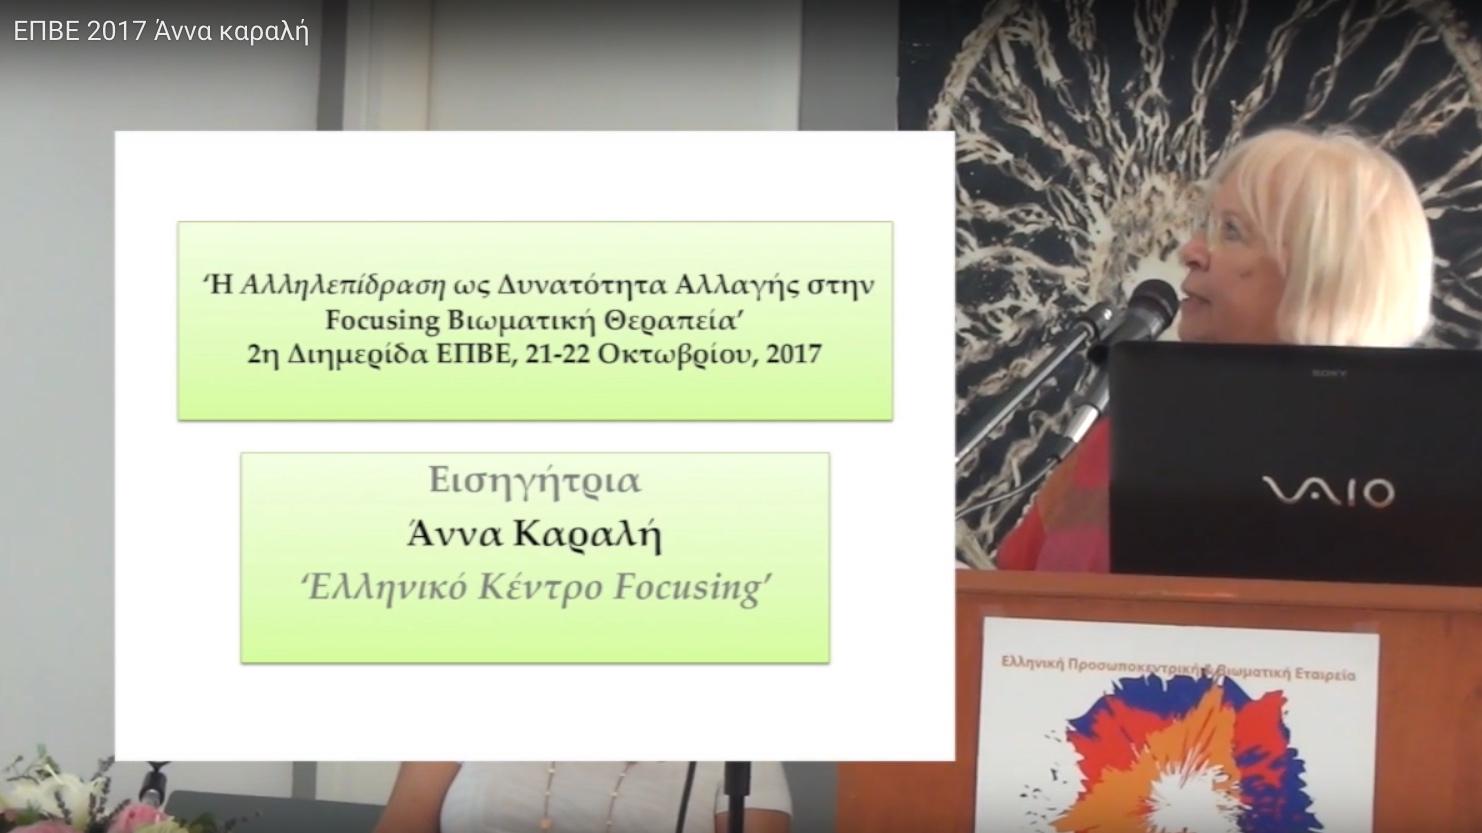 Βίντεο: Άννα Καραλή ΕΠΒΕ 2017